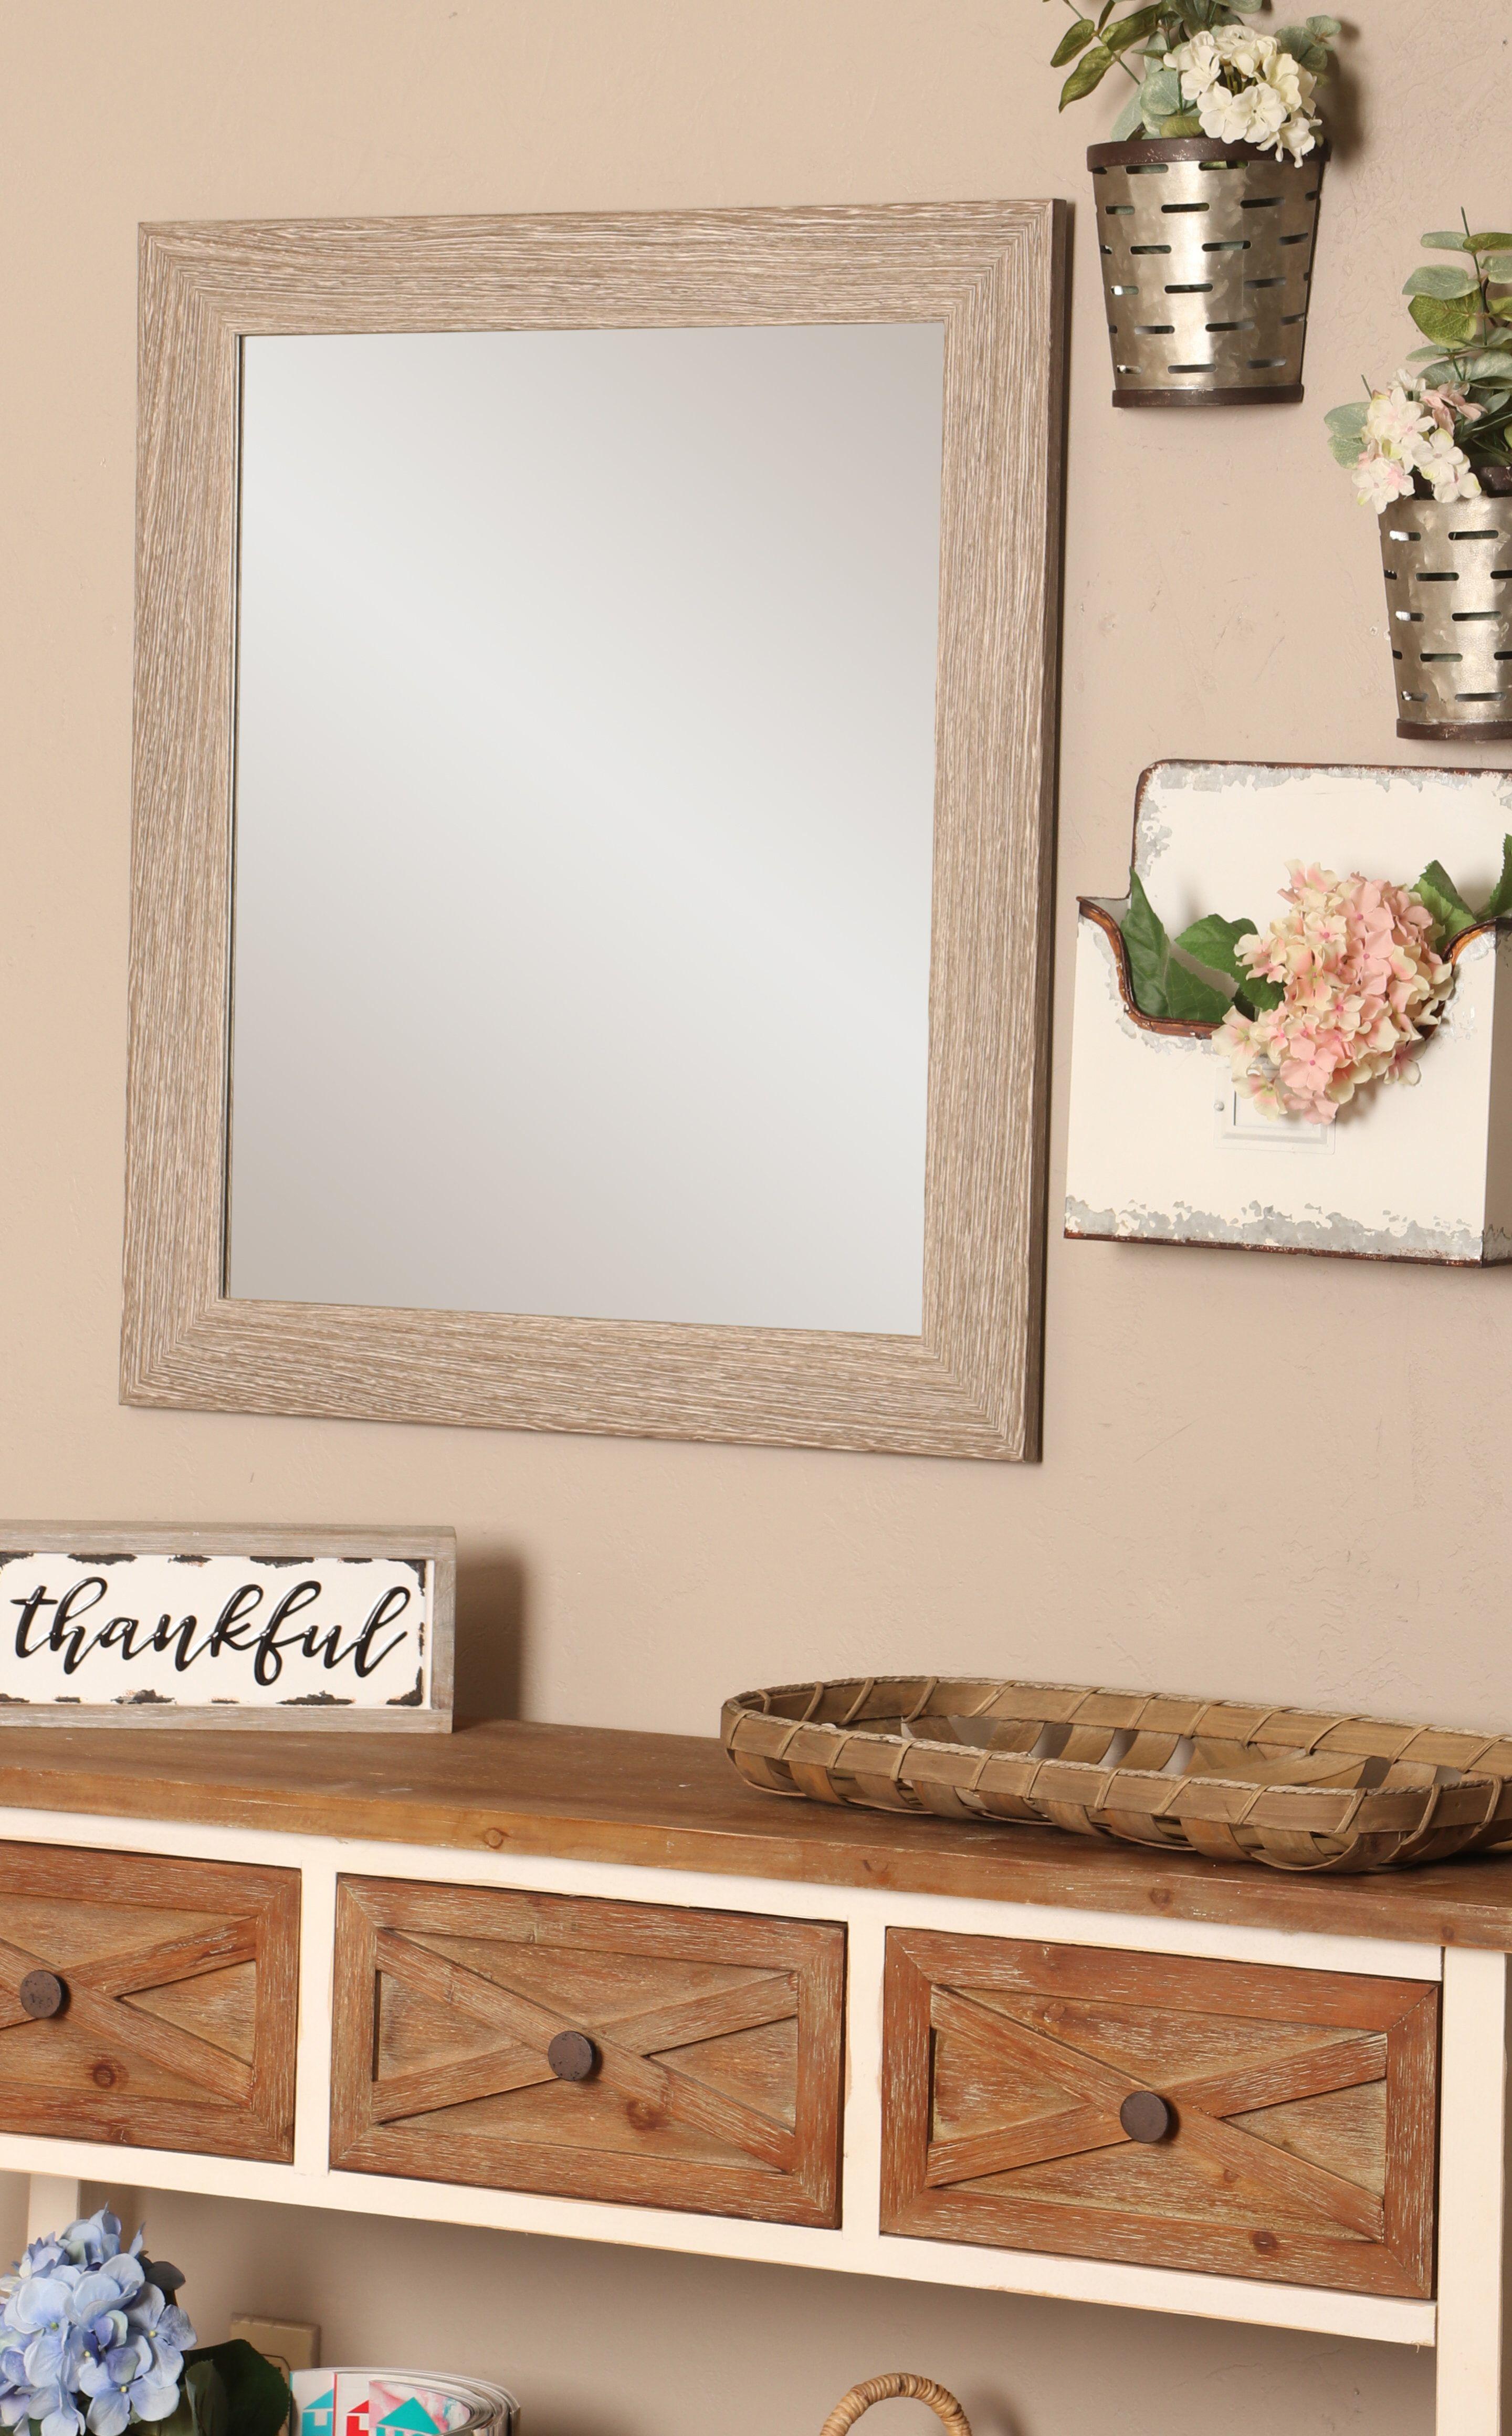 Kirsten Rustic Distressed Frameless Bathroom/Vanity Mirror